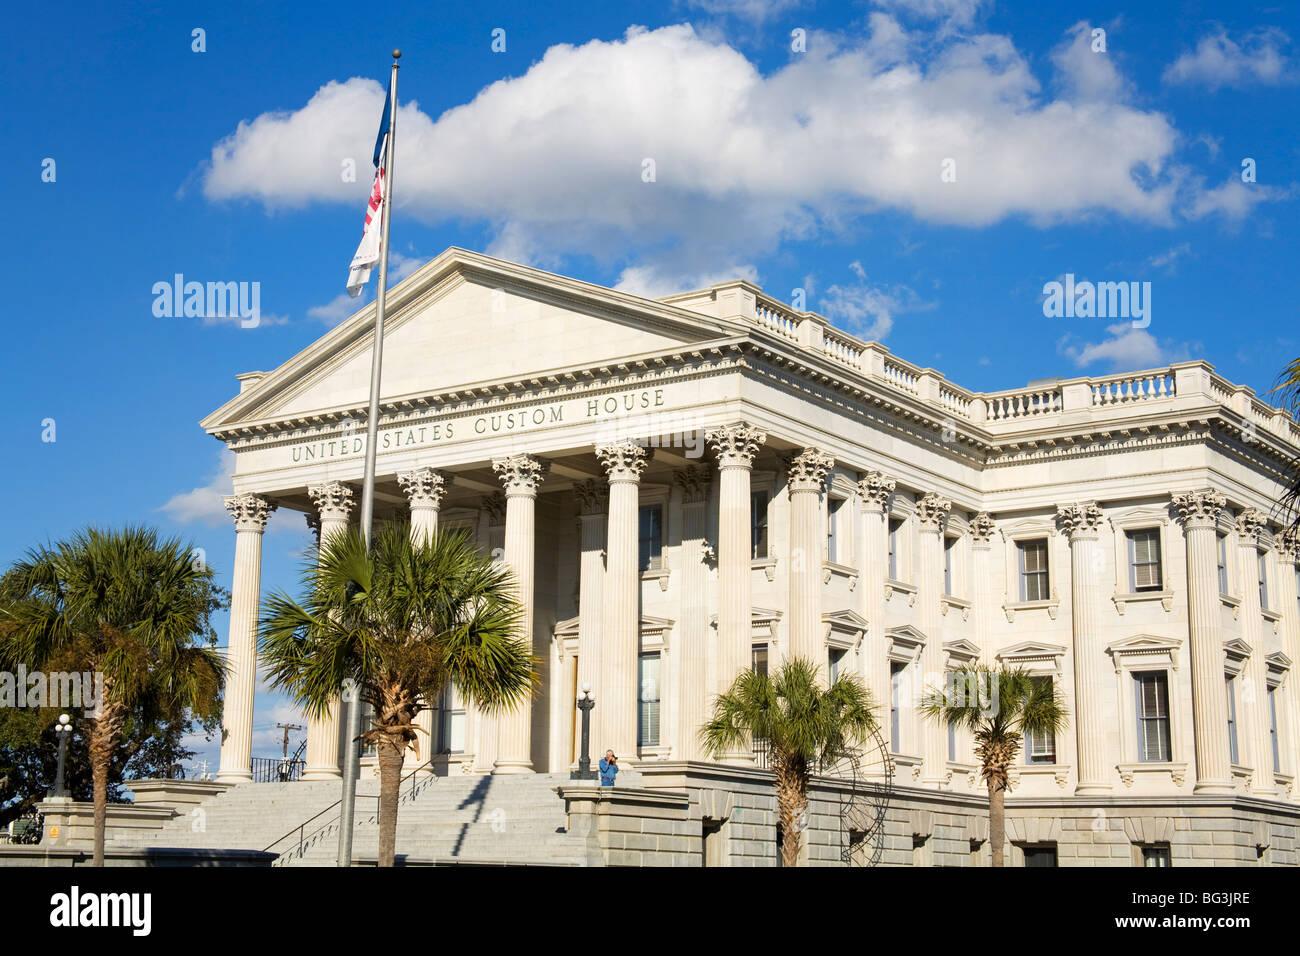 Vereinigten Staaten Zollhaus, Charleston, South Carolina, Vereinigte Staaten von Amerika, Nordamerika Stockbild